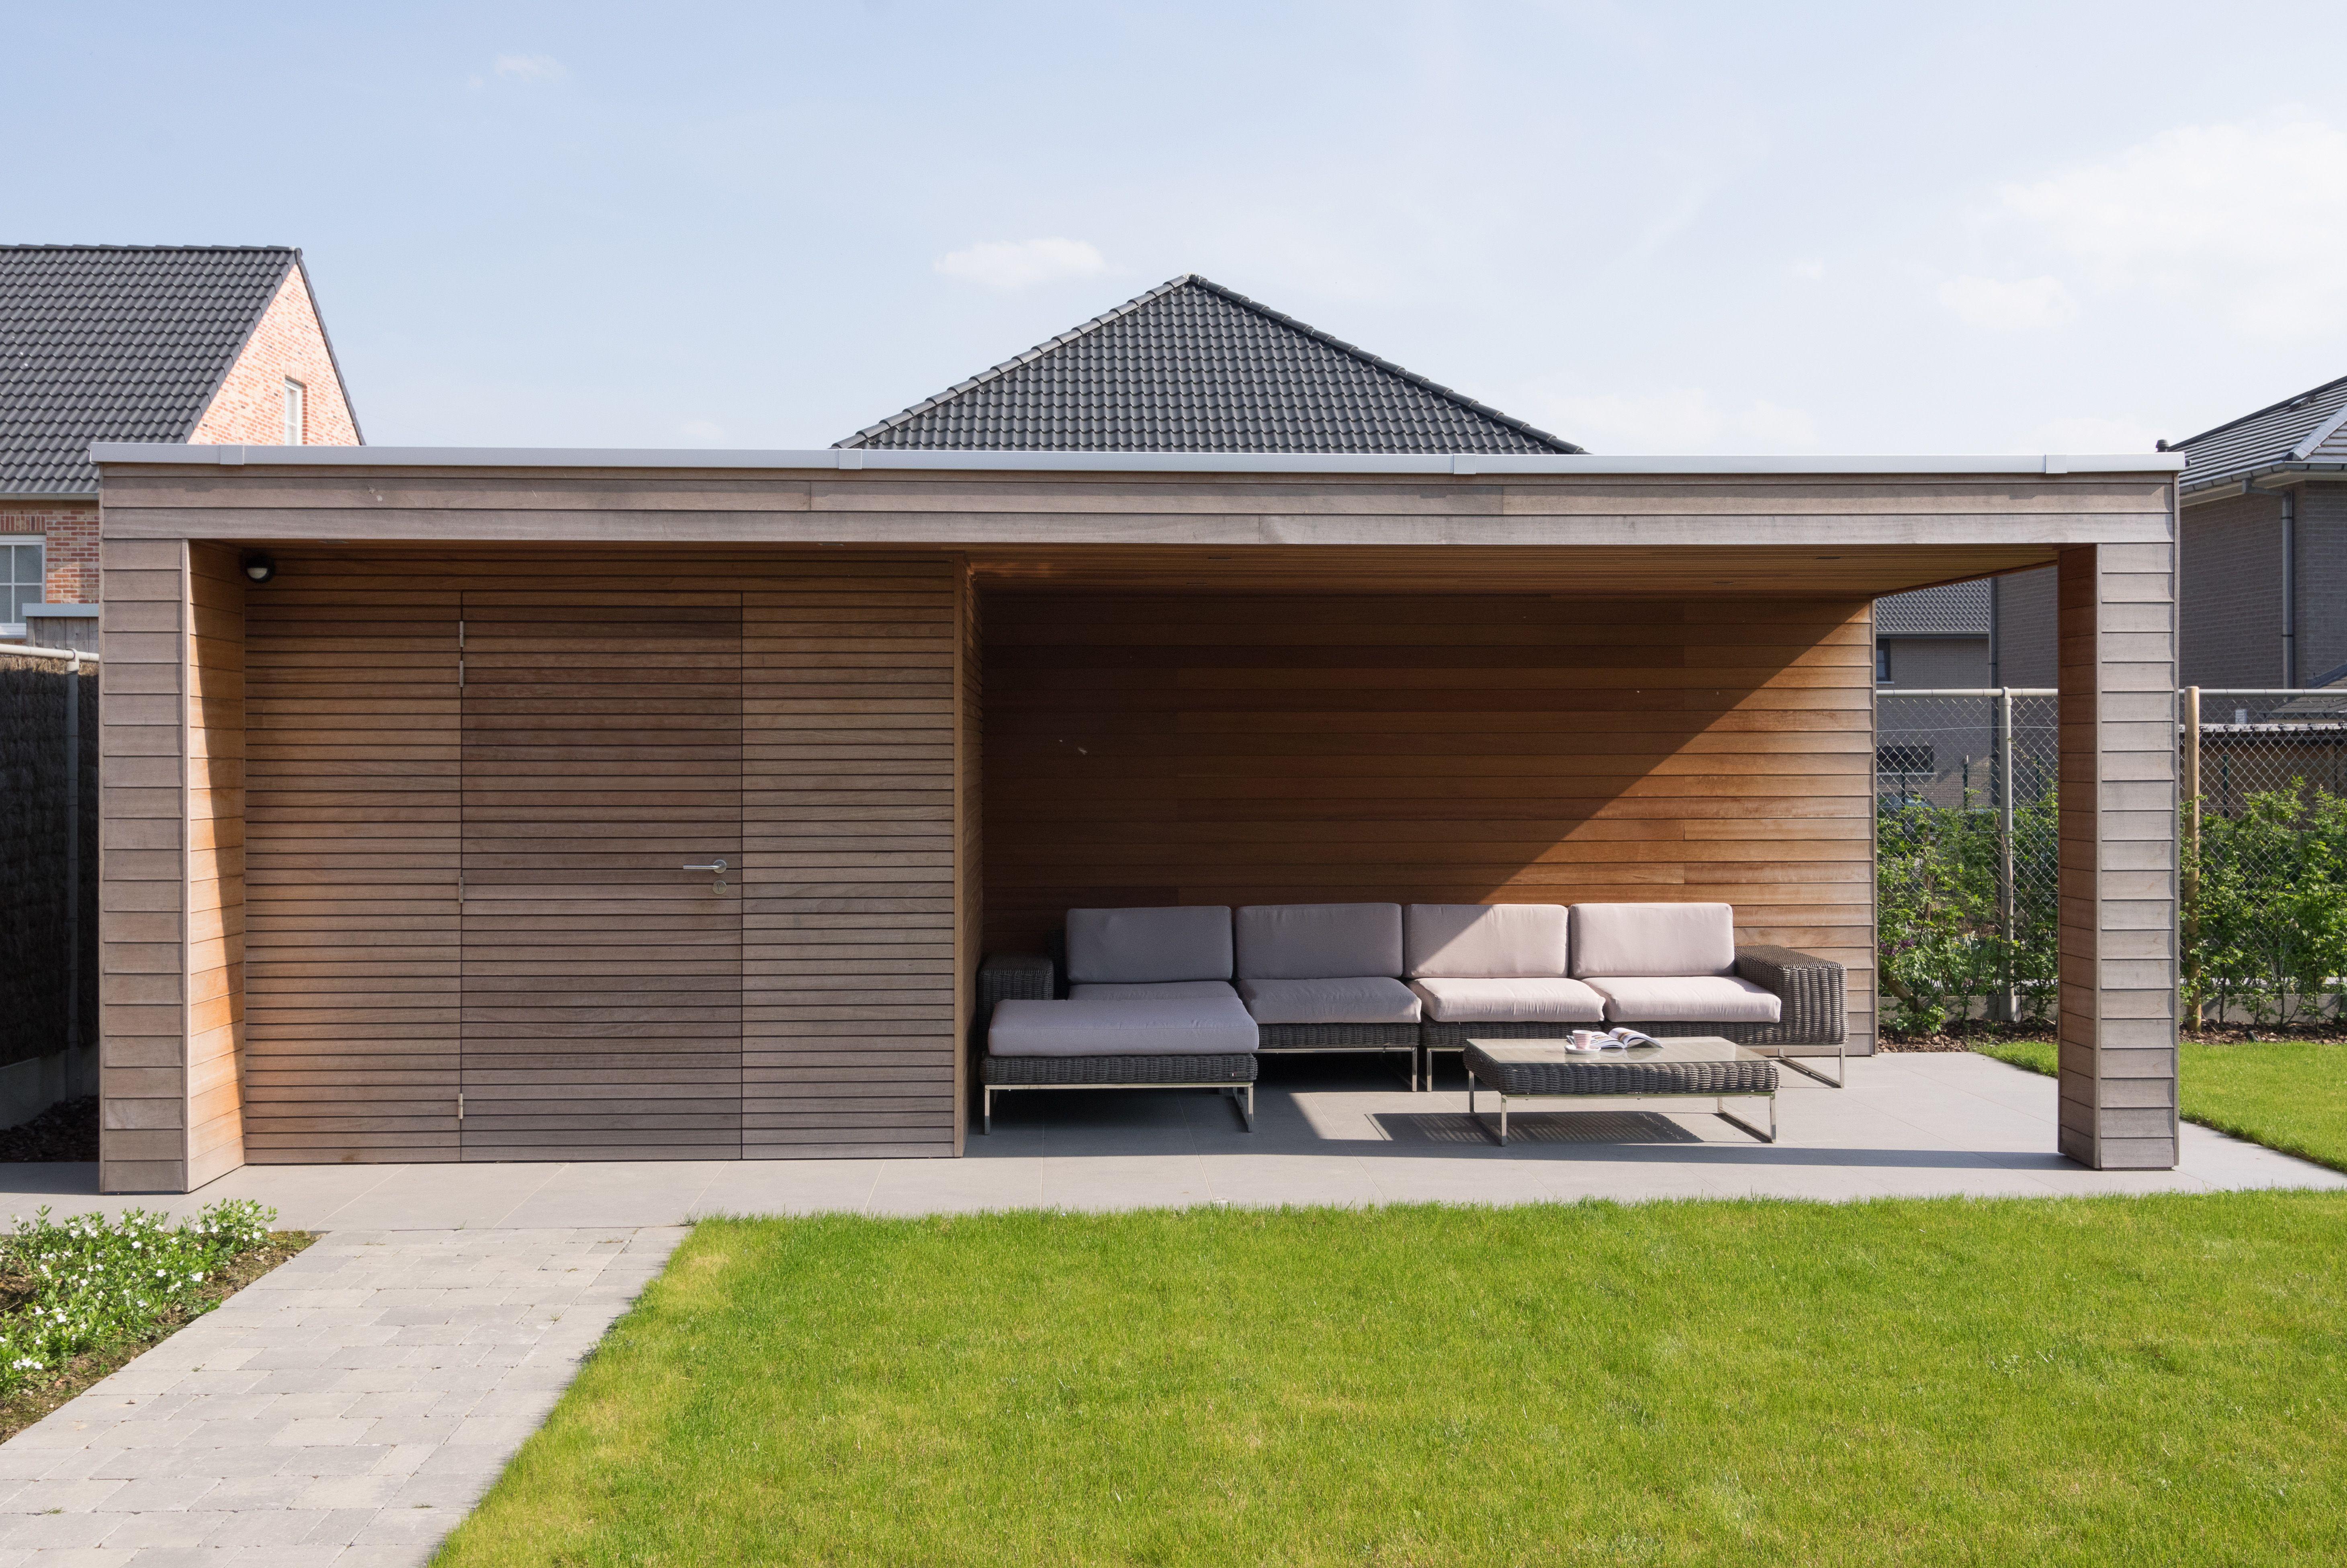 Abri De Jardin Habitable abri de jardin moderne design - kumpalo.parkersydnorhistoric